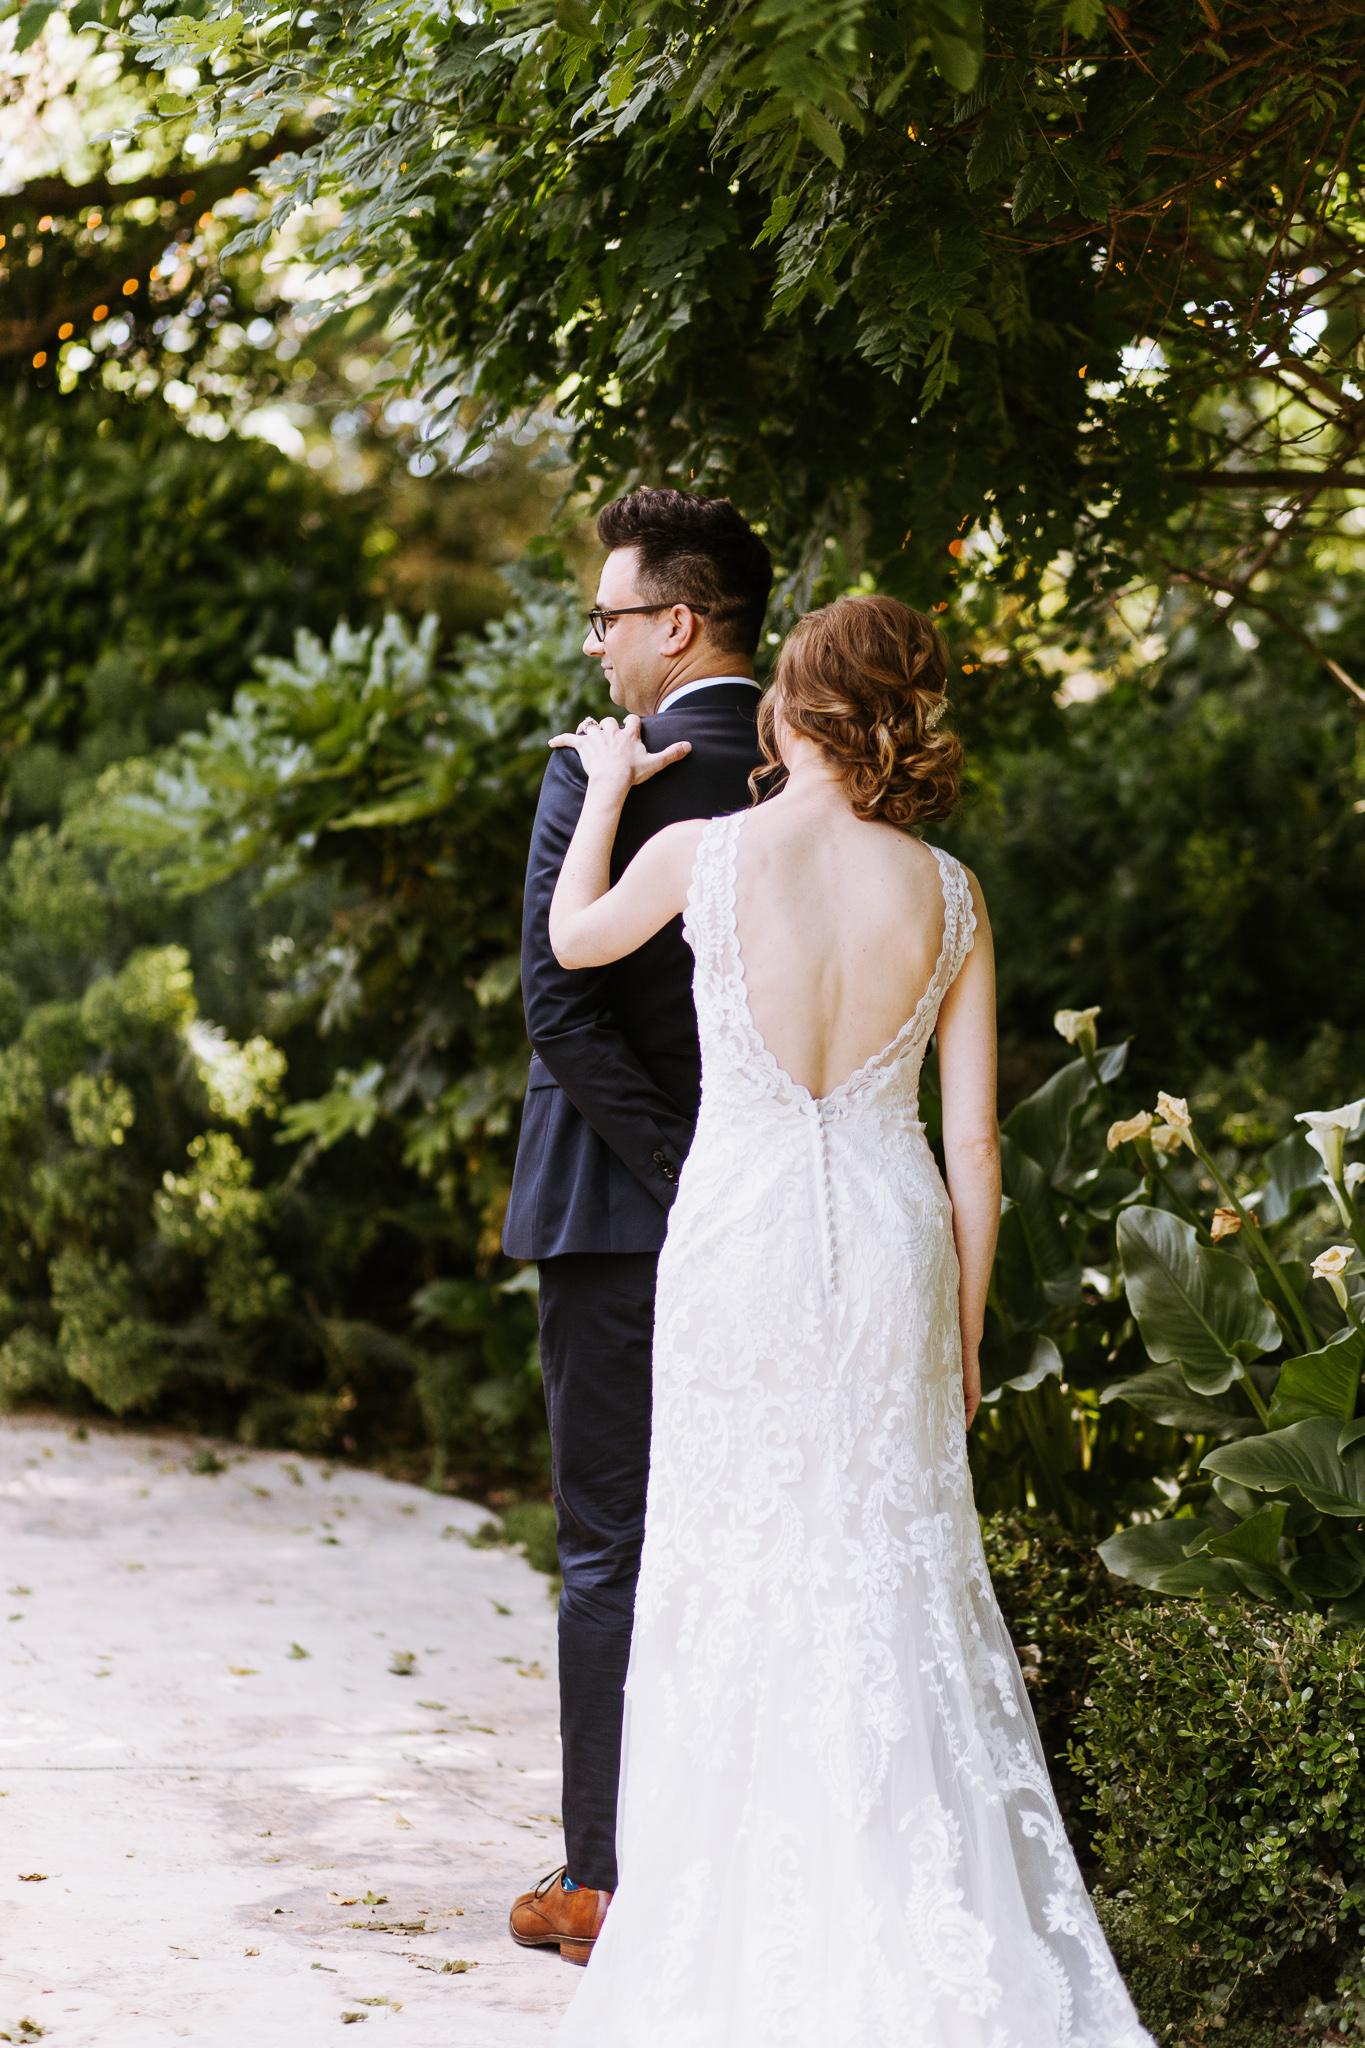 BayArea-Wedding-Photographer-22.jpg